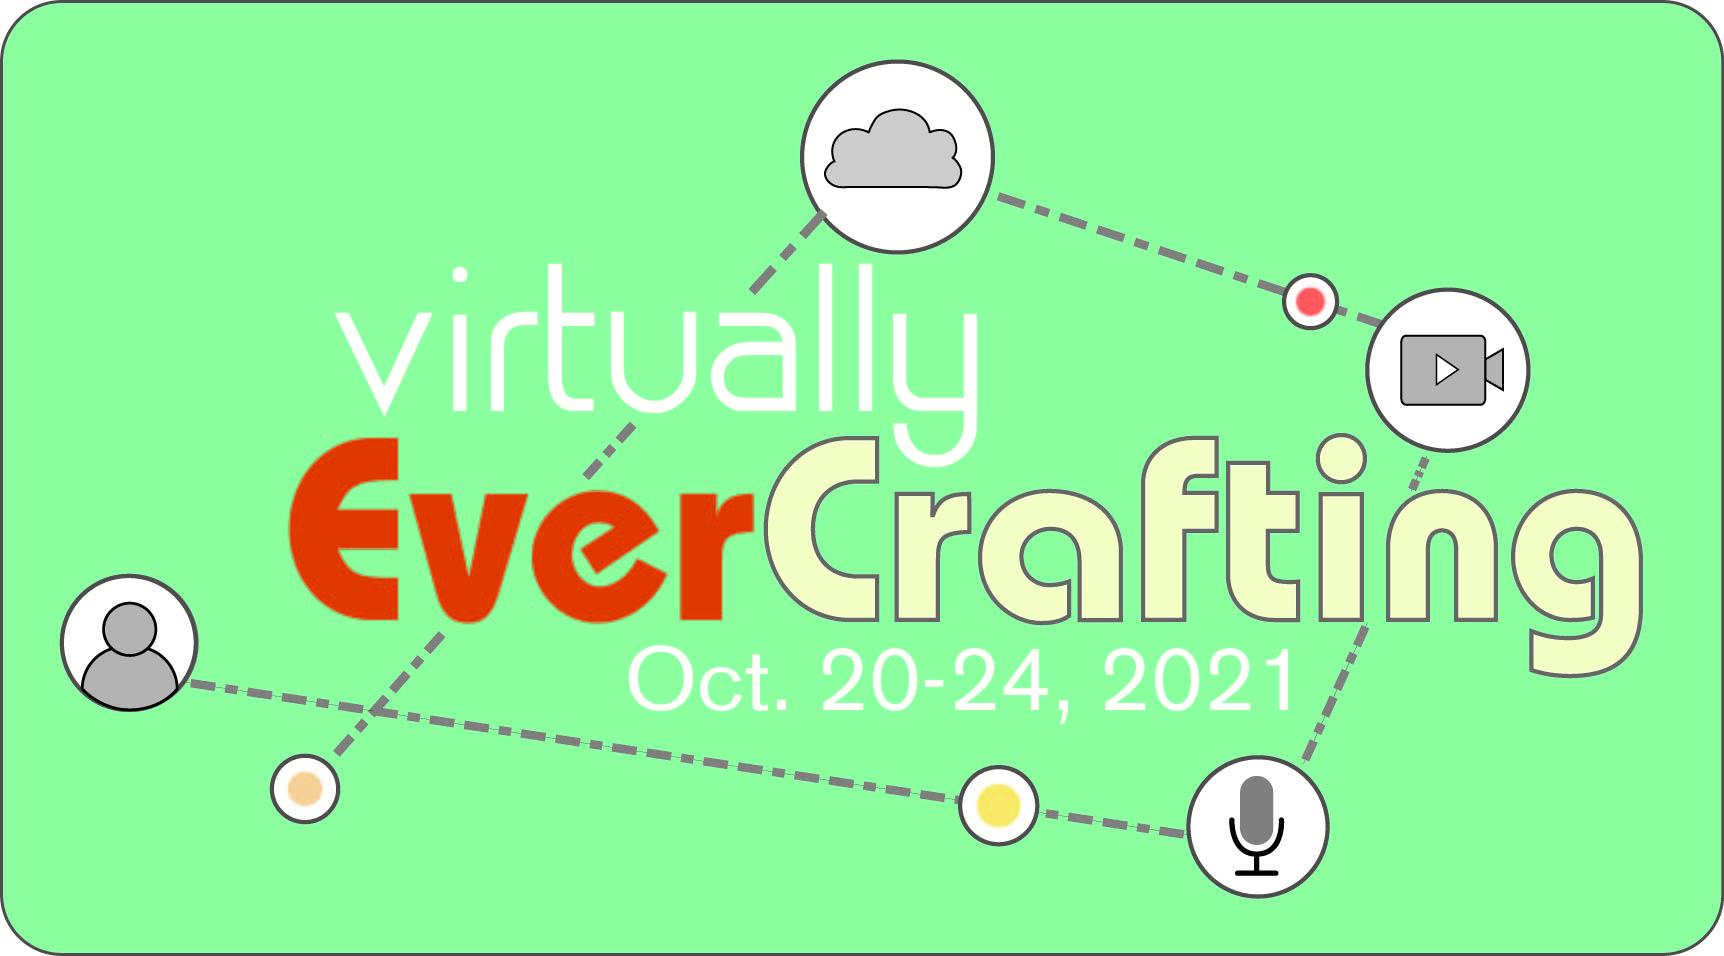 VirtuallyEverCrafting.com